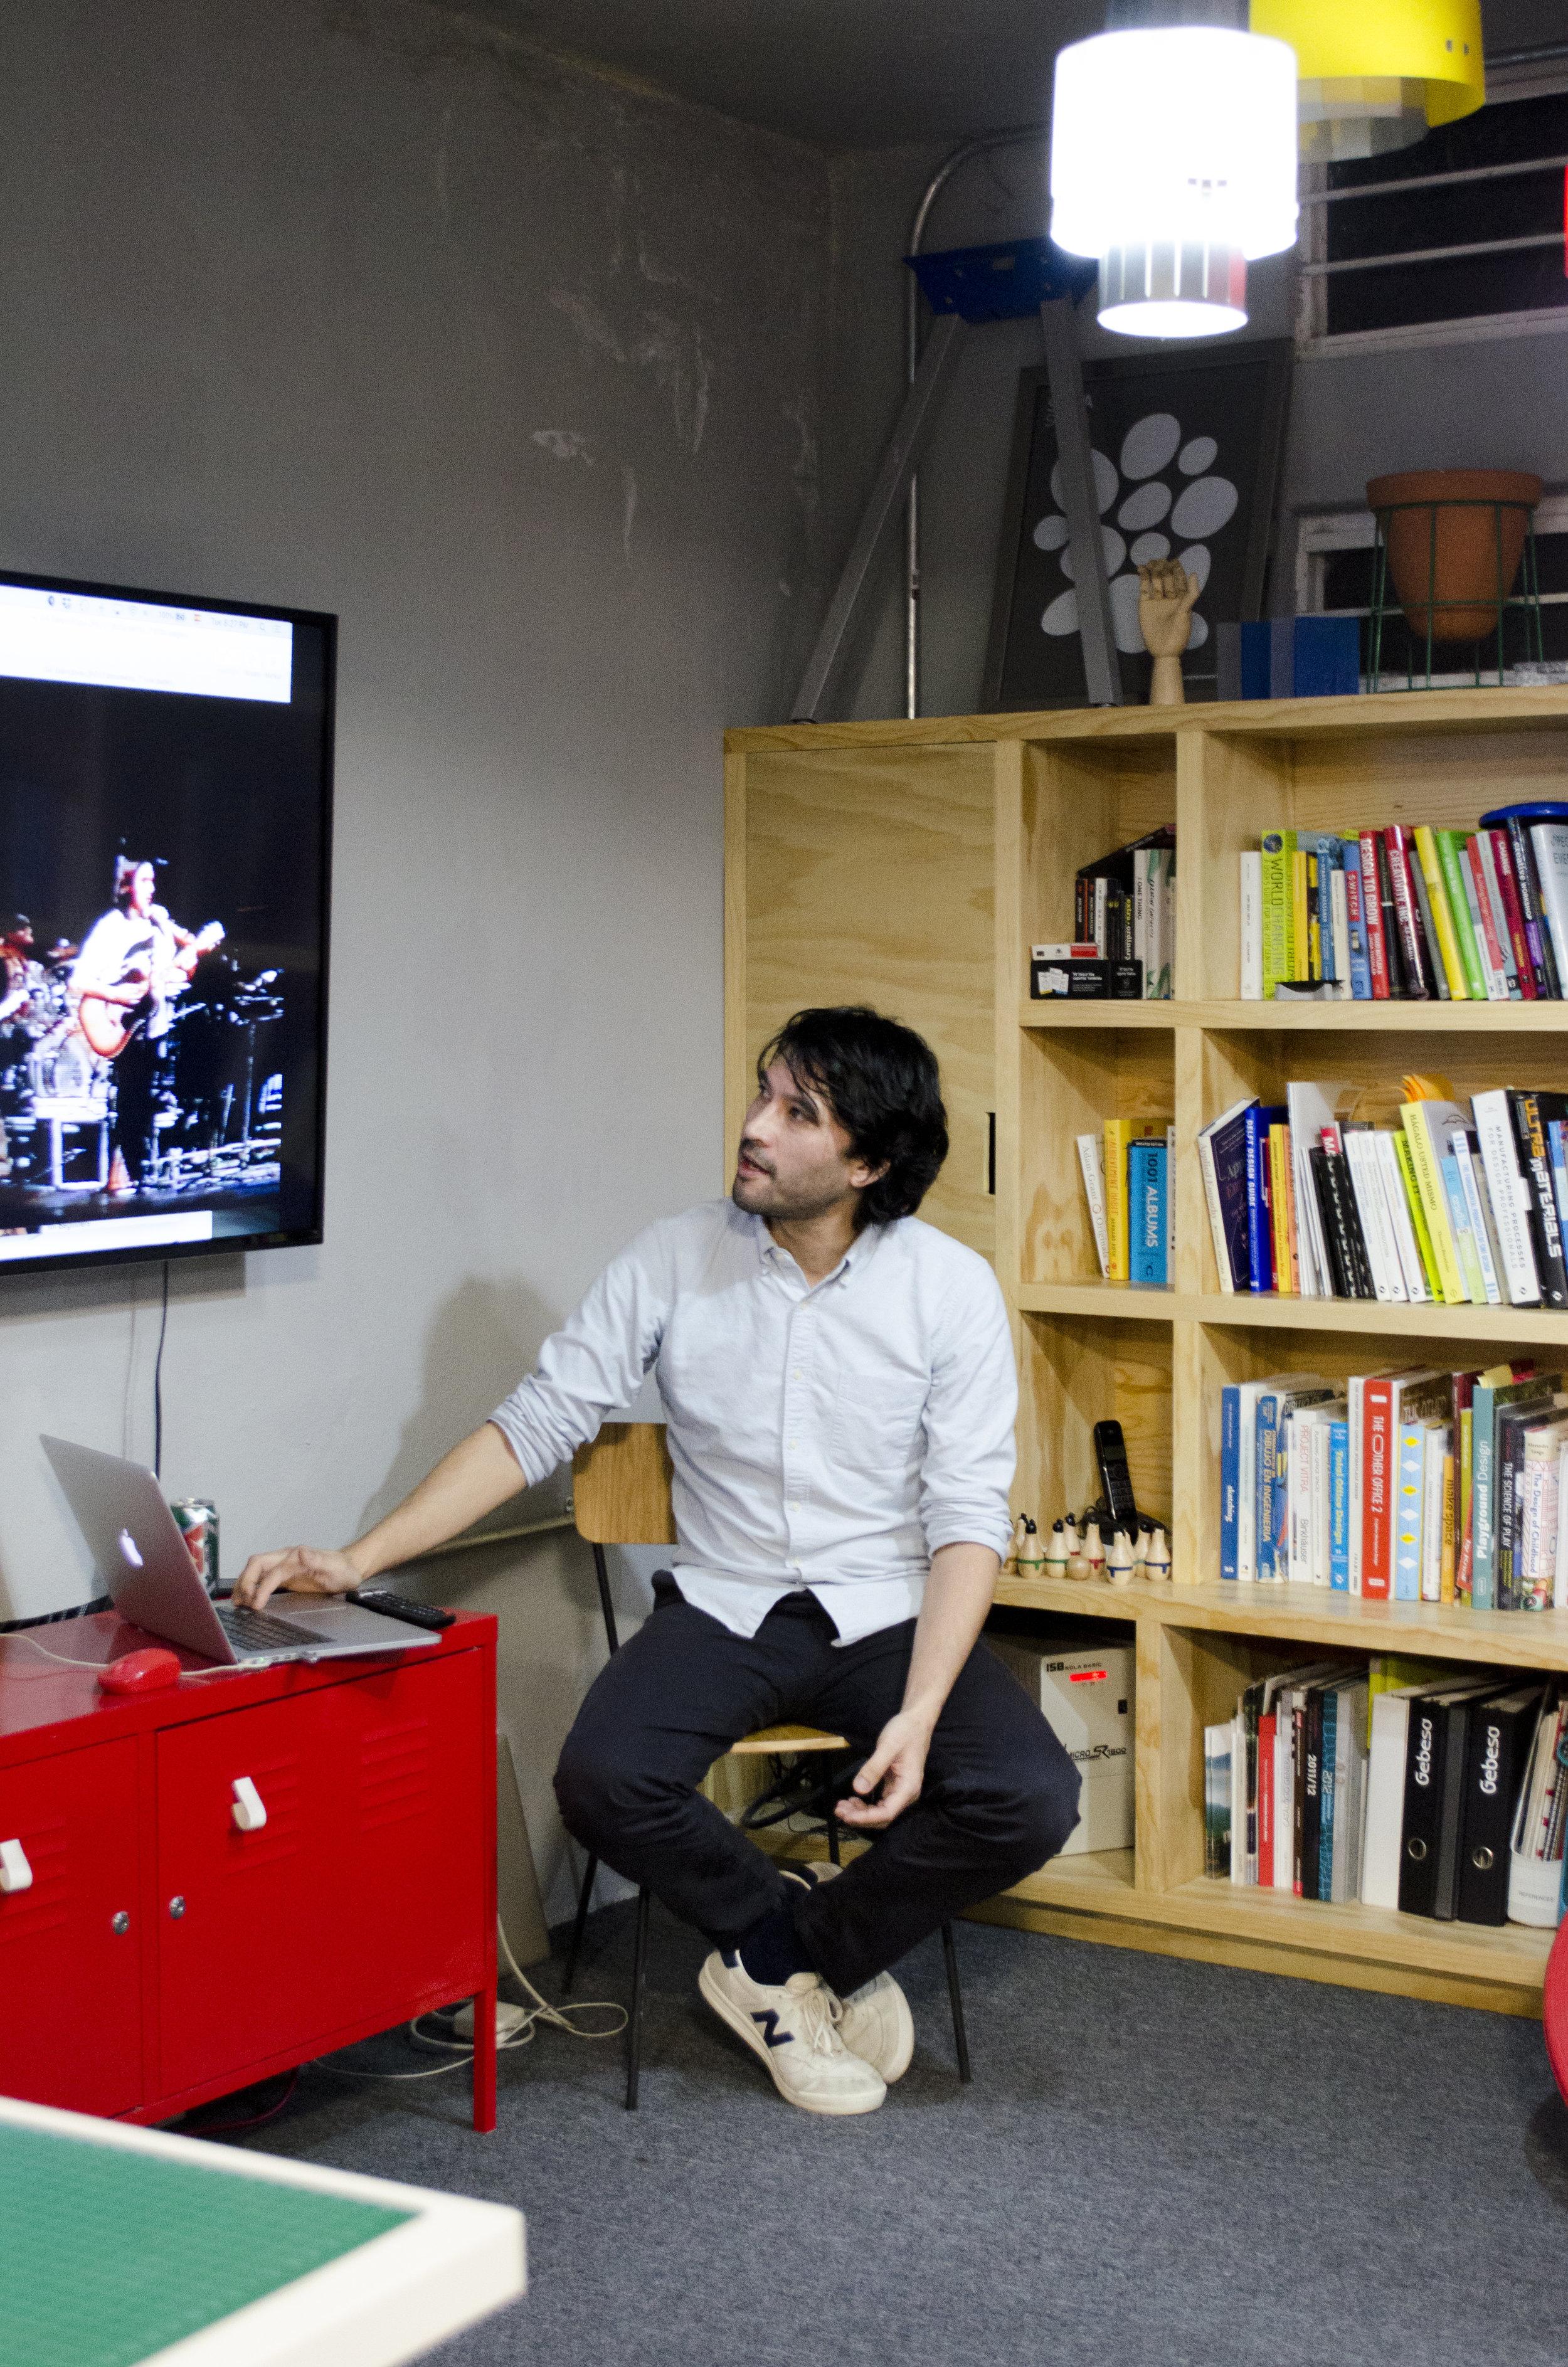 jorge_diego_etienne_studio_nights_jonah_takagi_design_9.JPG